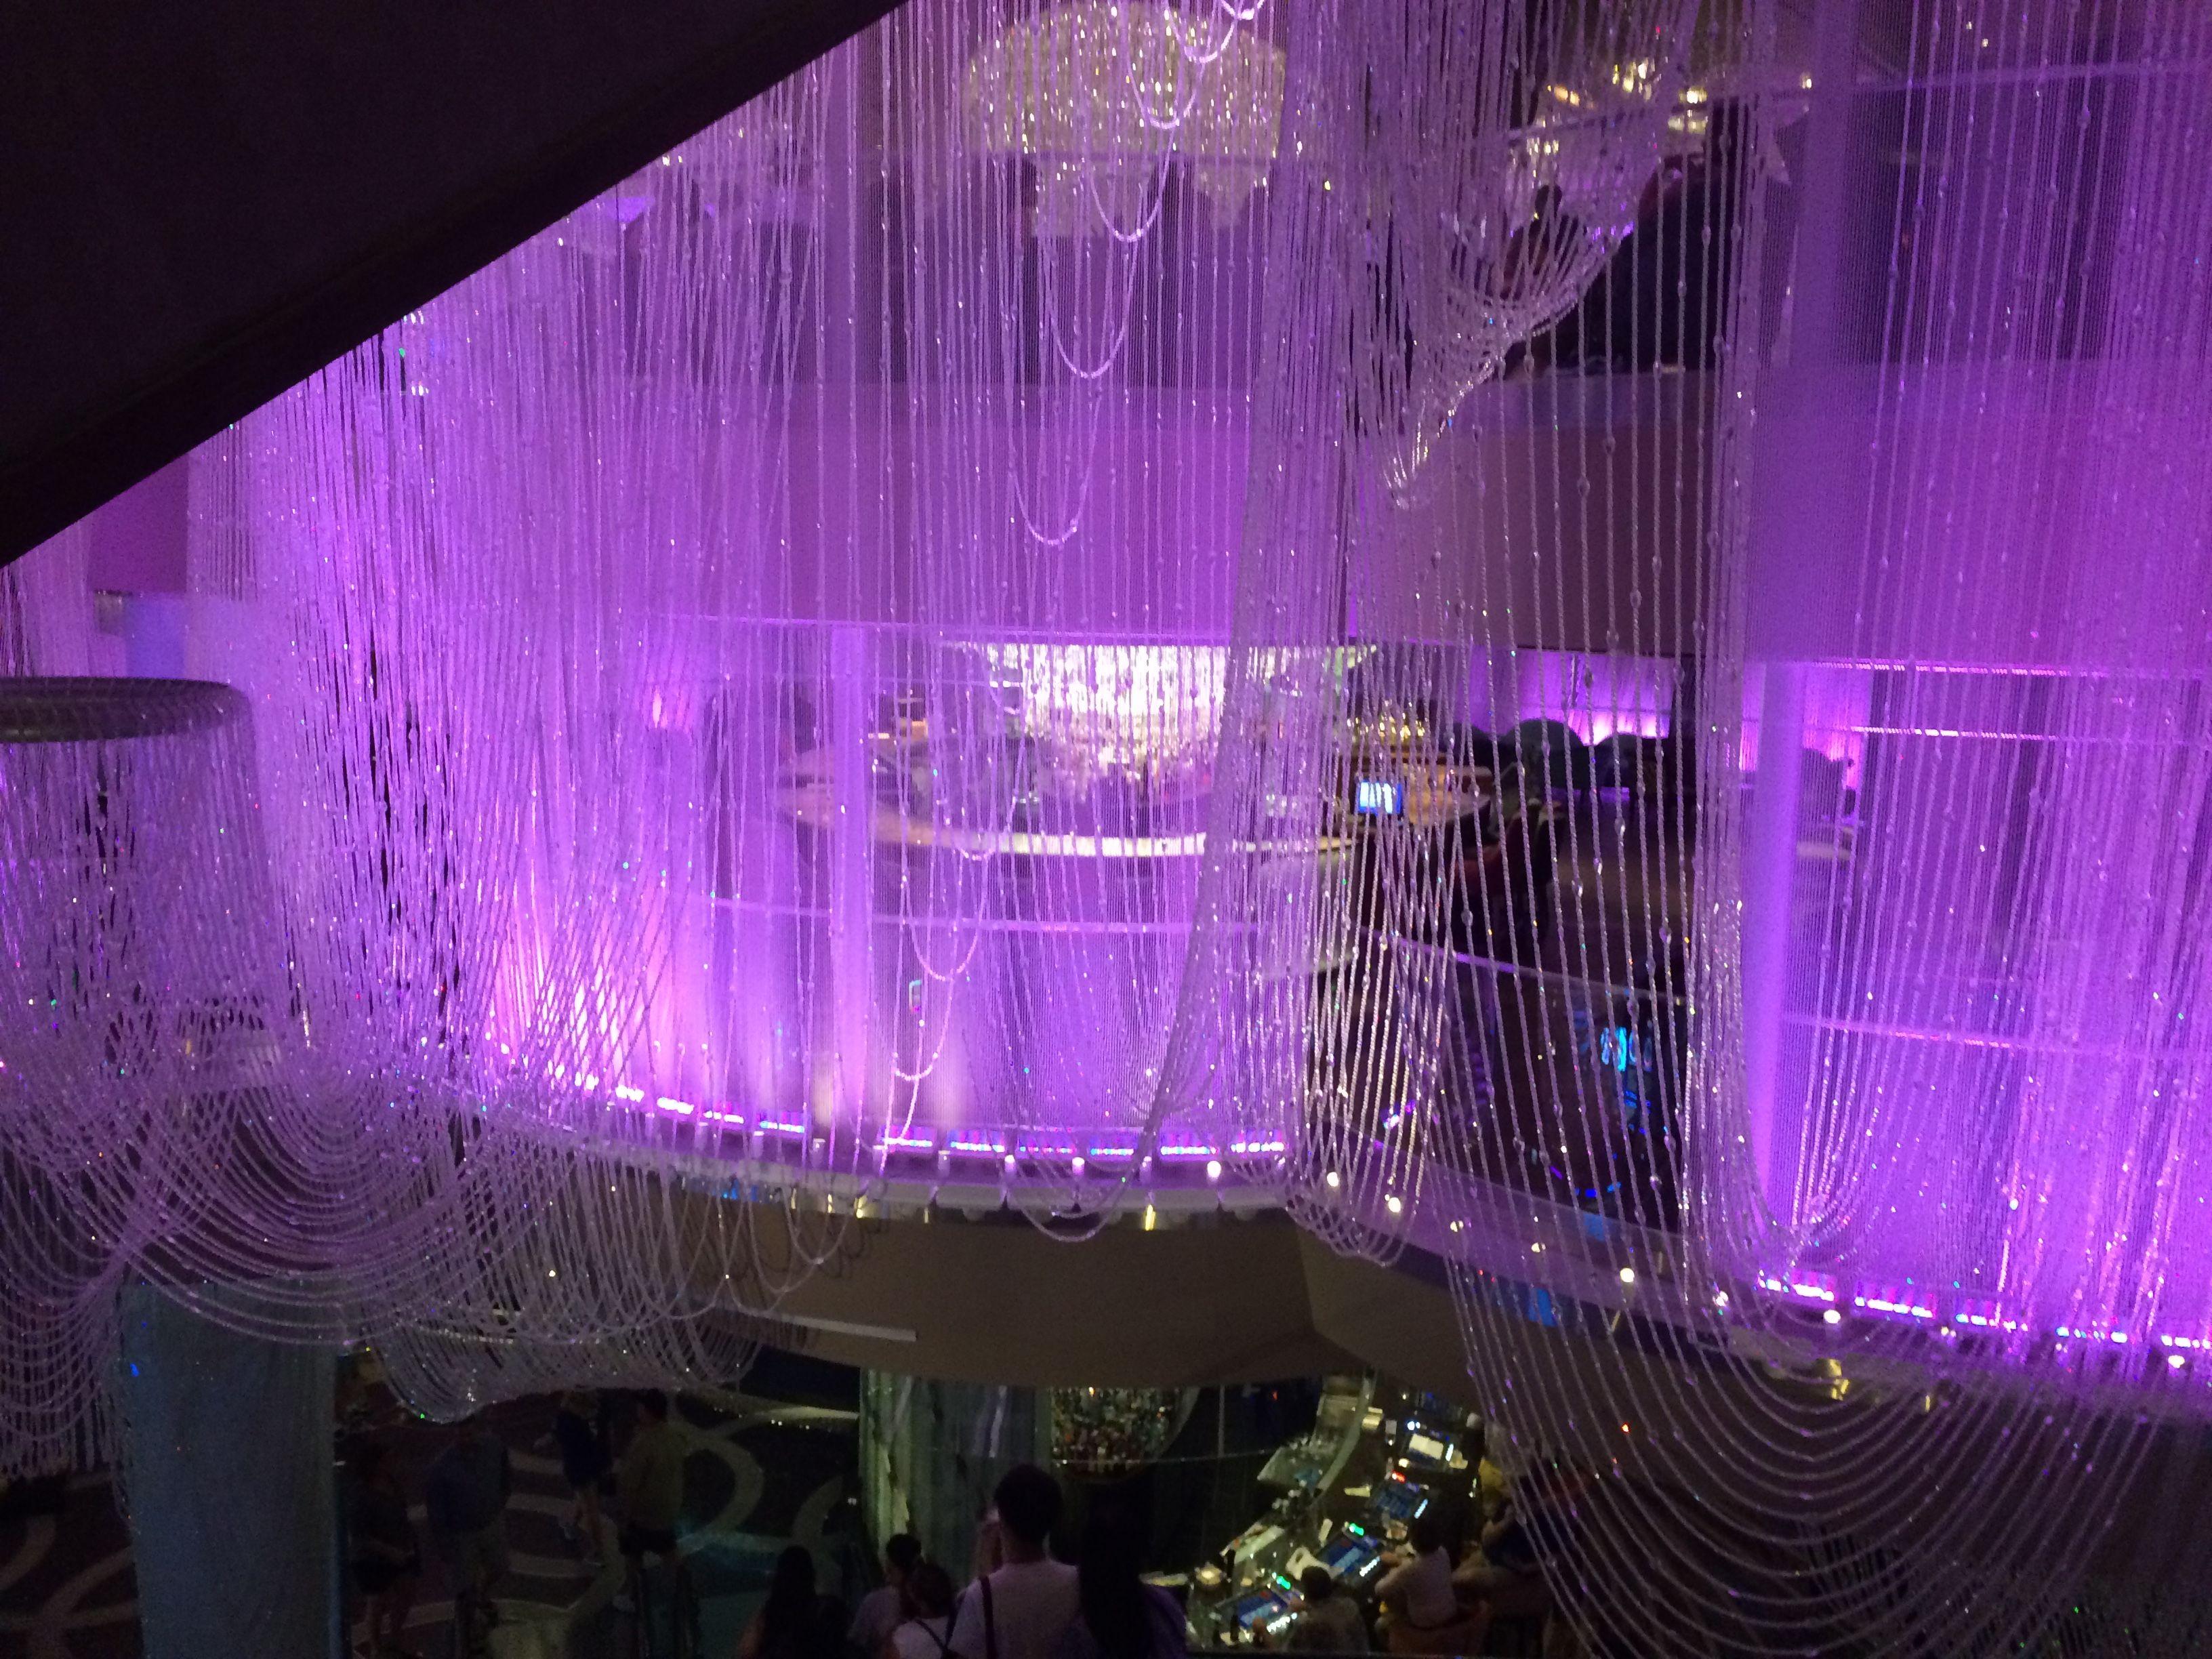 Worlds largest chandelier cosmopolitan las vegas october 2016 worlds largest chandelier cosmopolitan las vegas october 2016 arubaitofo Gallery